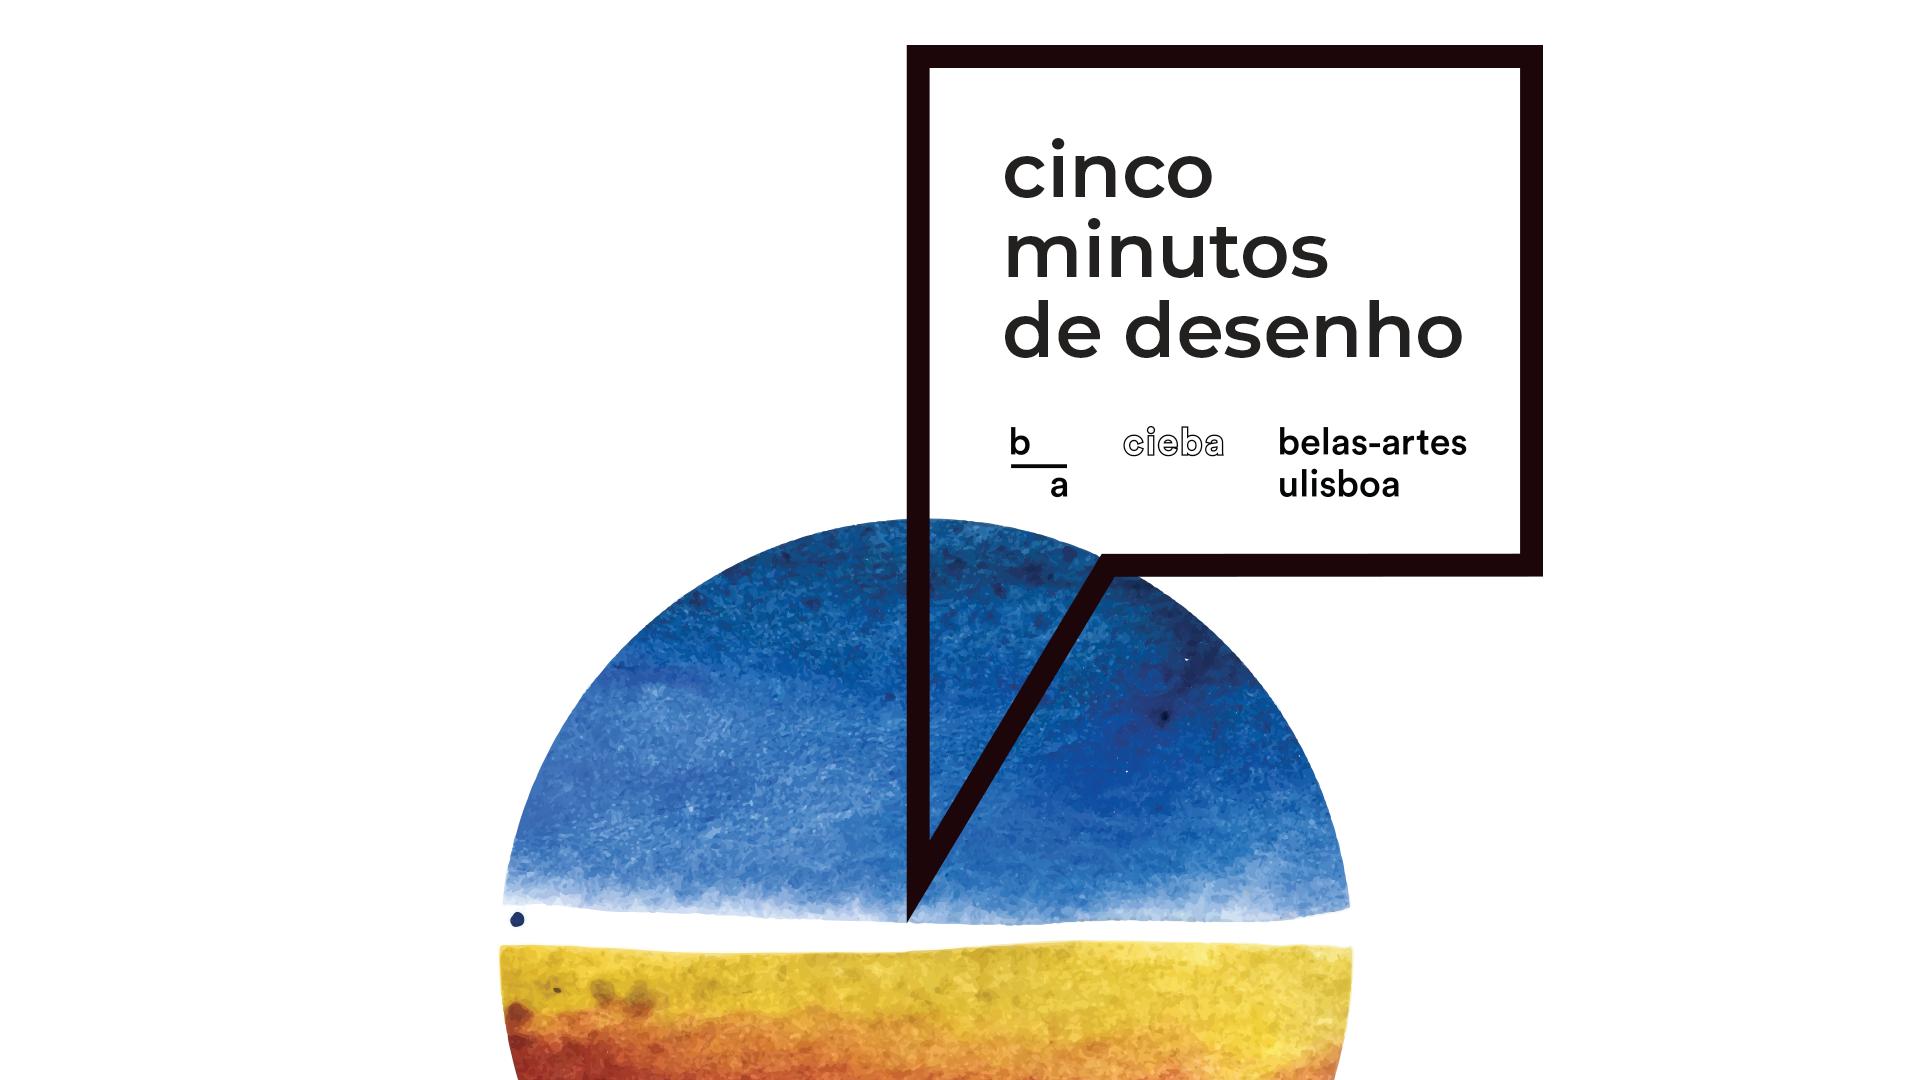 5 MINUTOS DE DESENHO